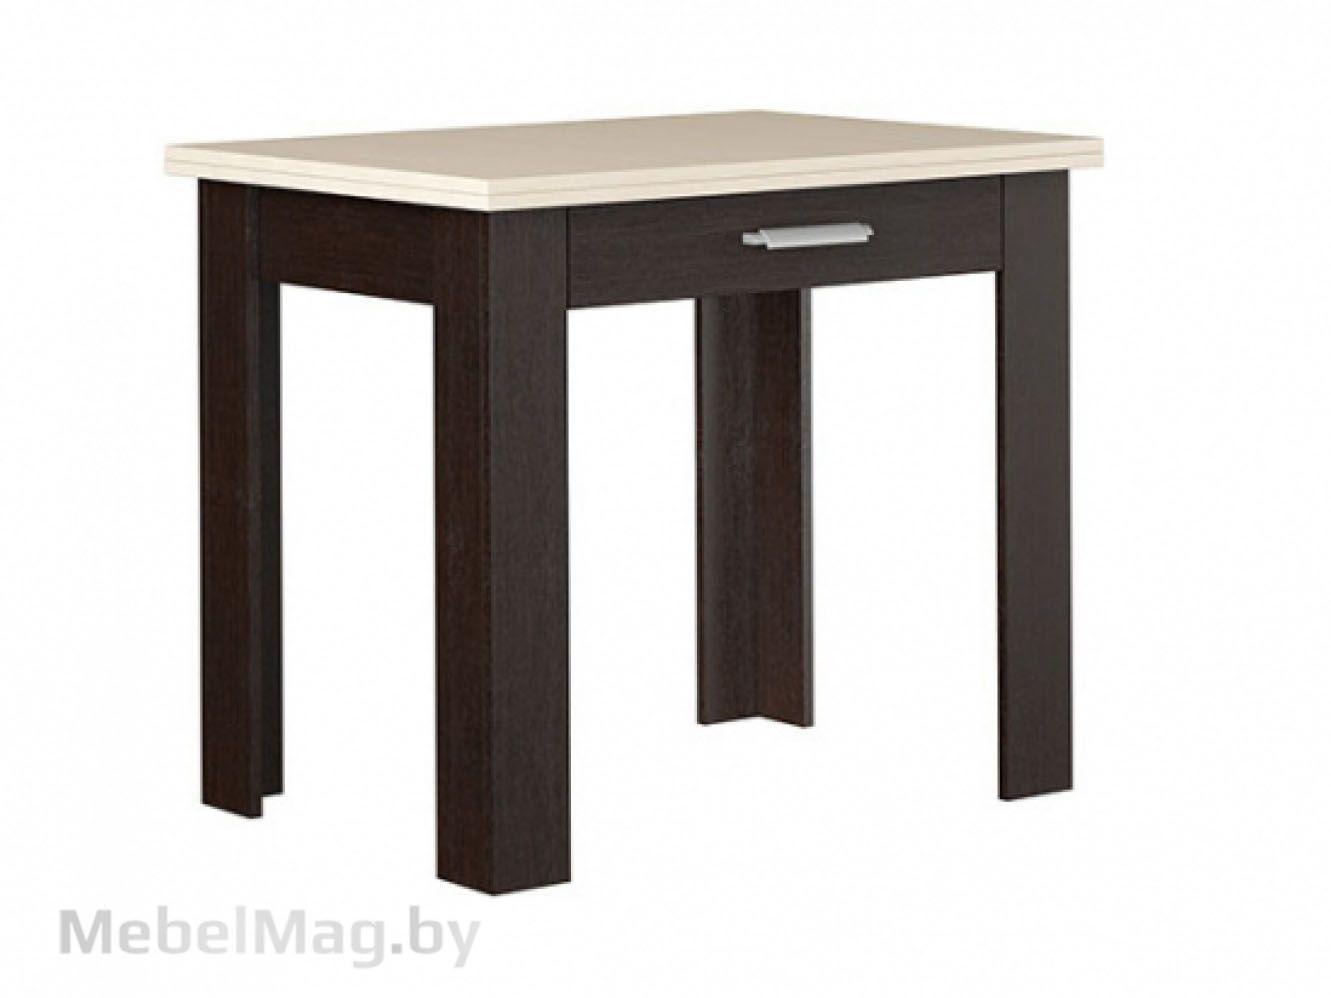 Стол обеденный №4, Венге/Дуб молочный